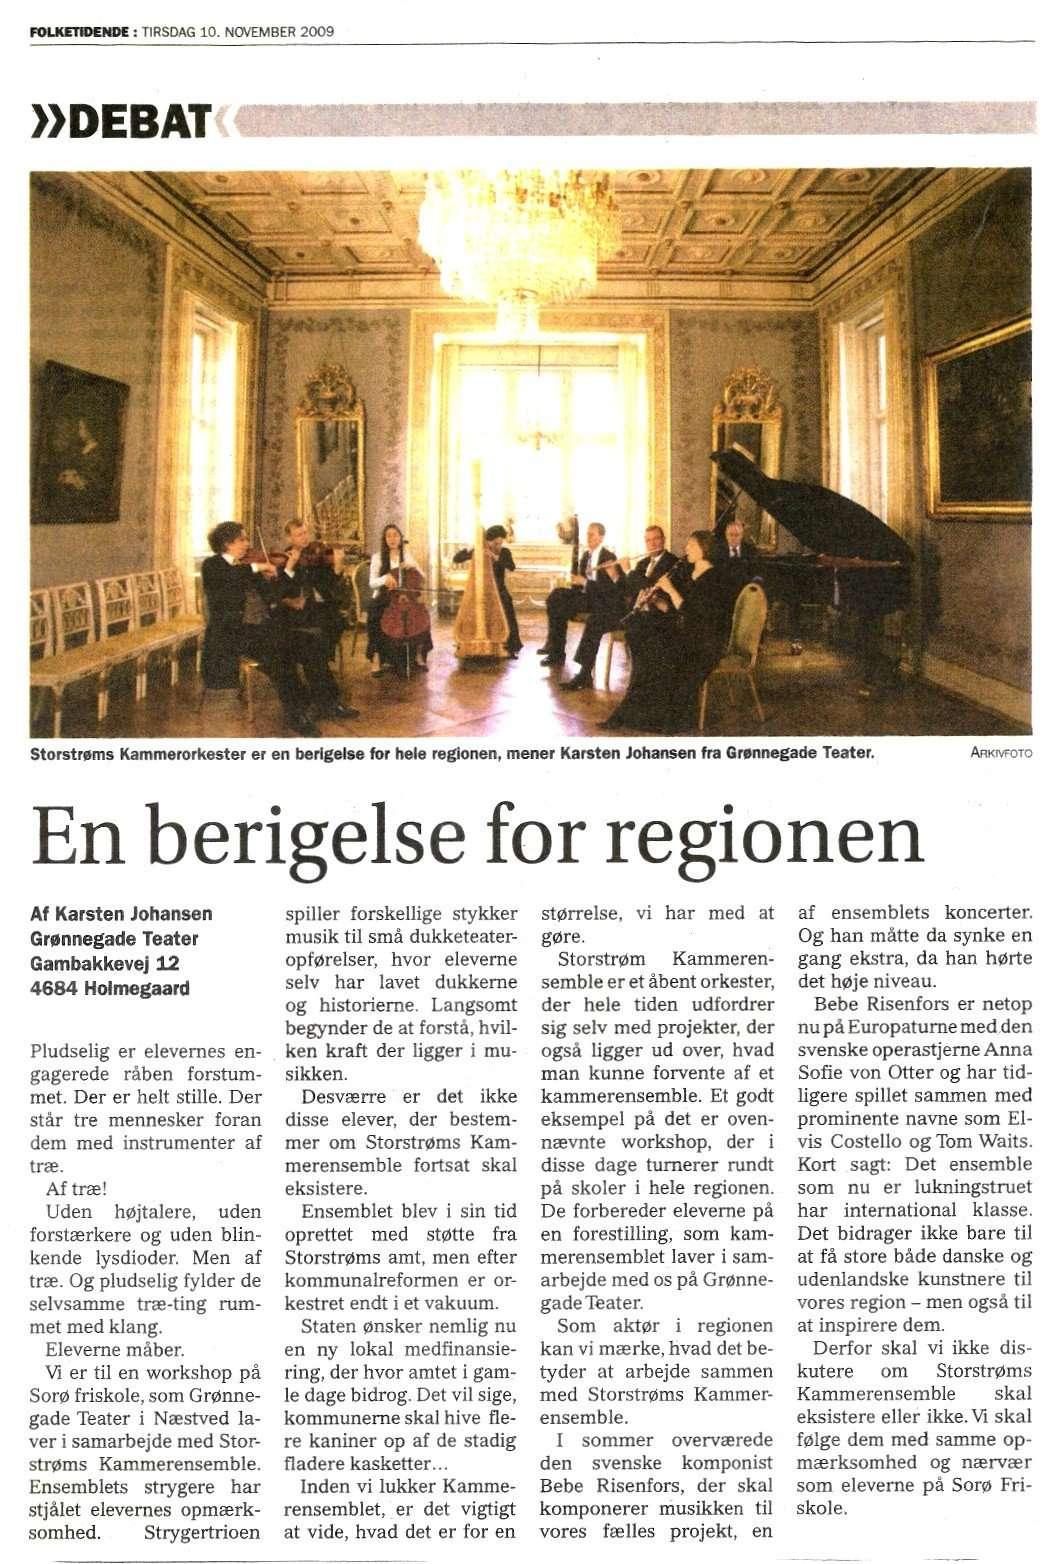 Indlæg i Folketidende, nov. 2009